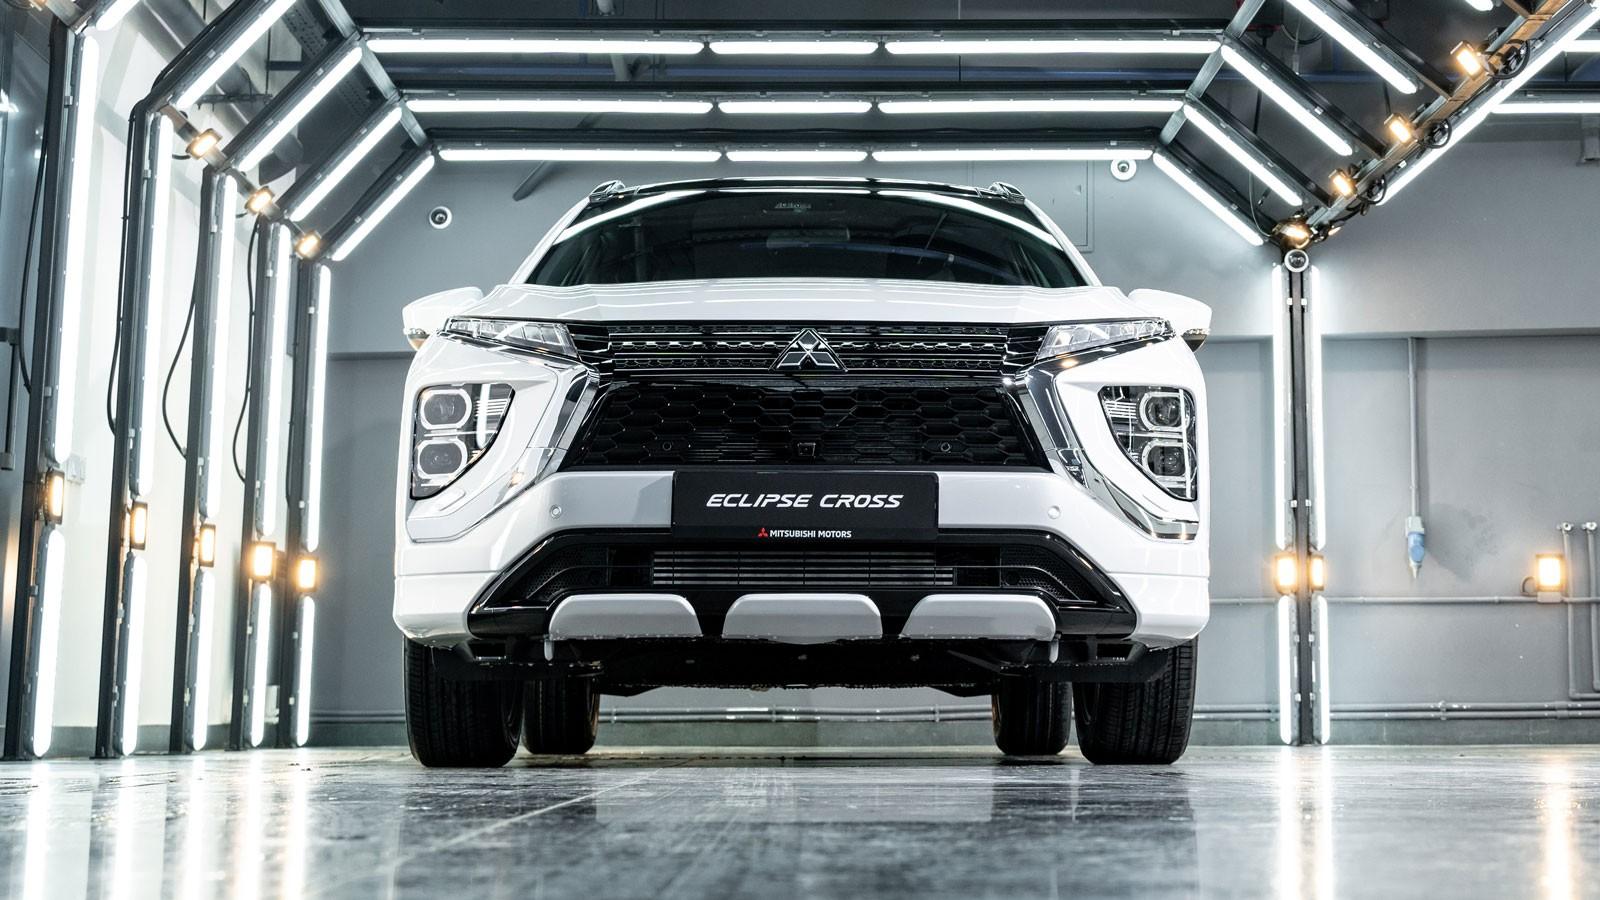 Без спойлера и с 2-литровым атмосферником: тест-драйв обновленного Mitsubishi Eclipse Cross